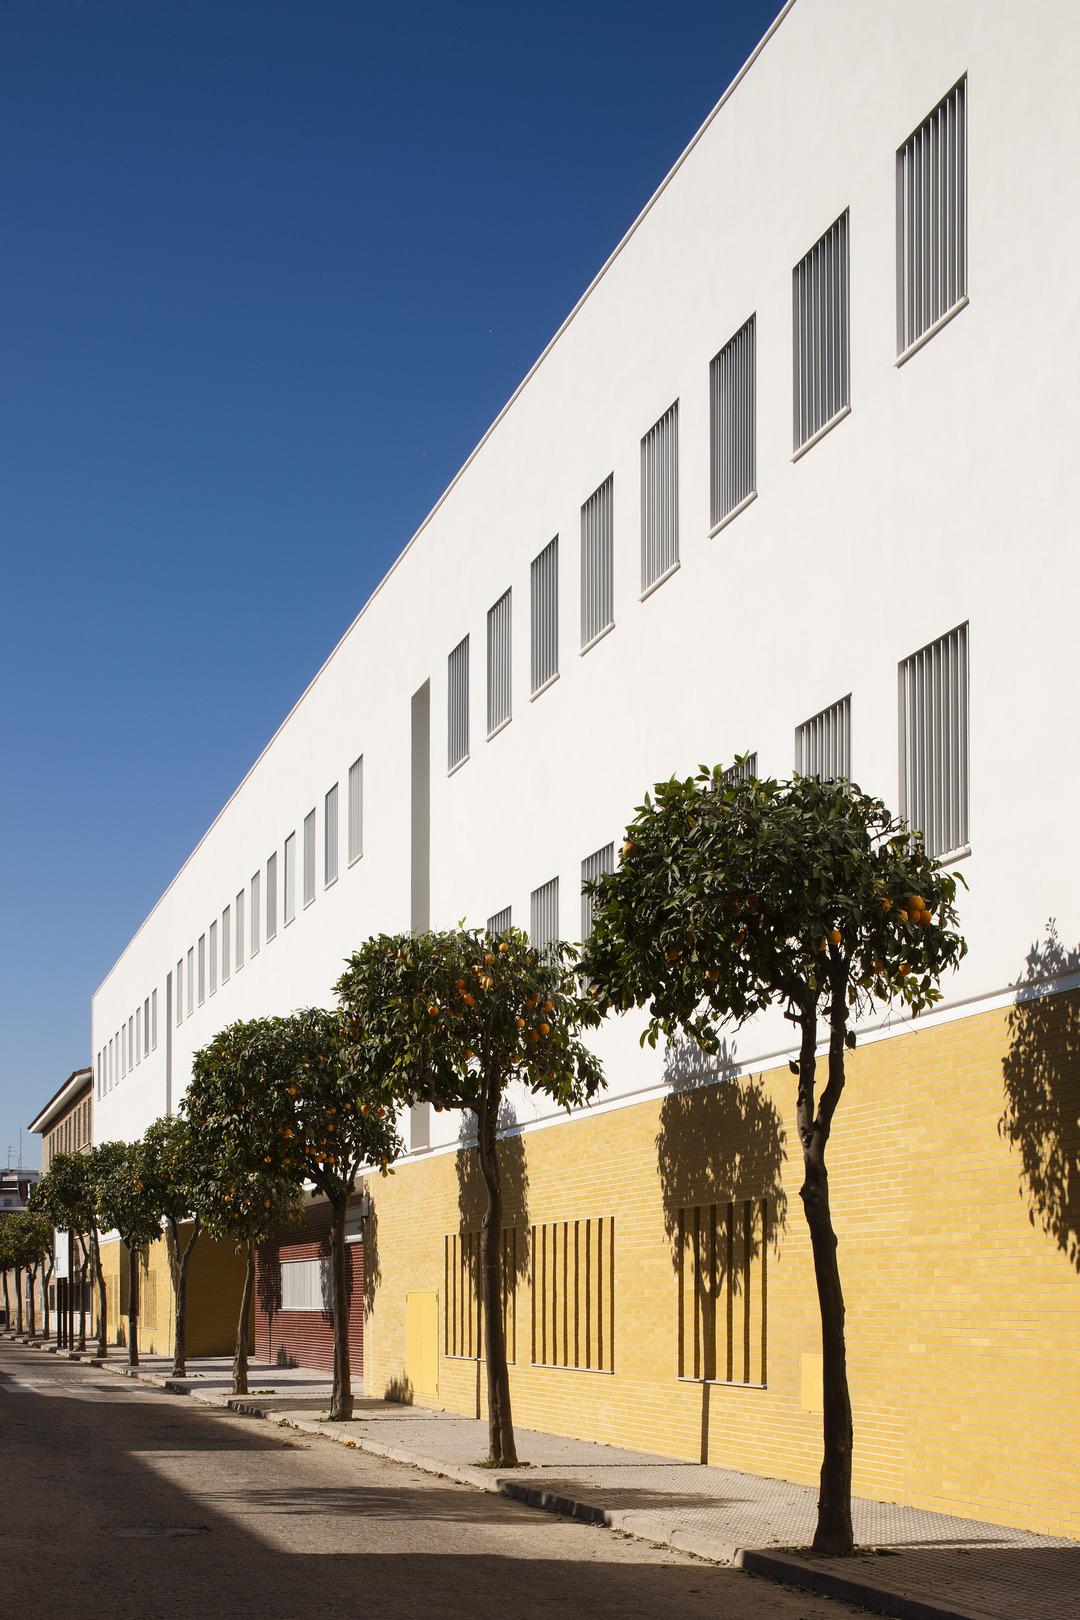 Centro de educaci n infantil y primaria en c rdoba unia for Arquitectos en cordoba